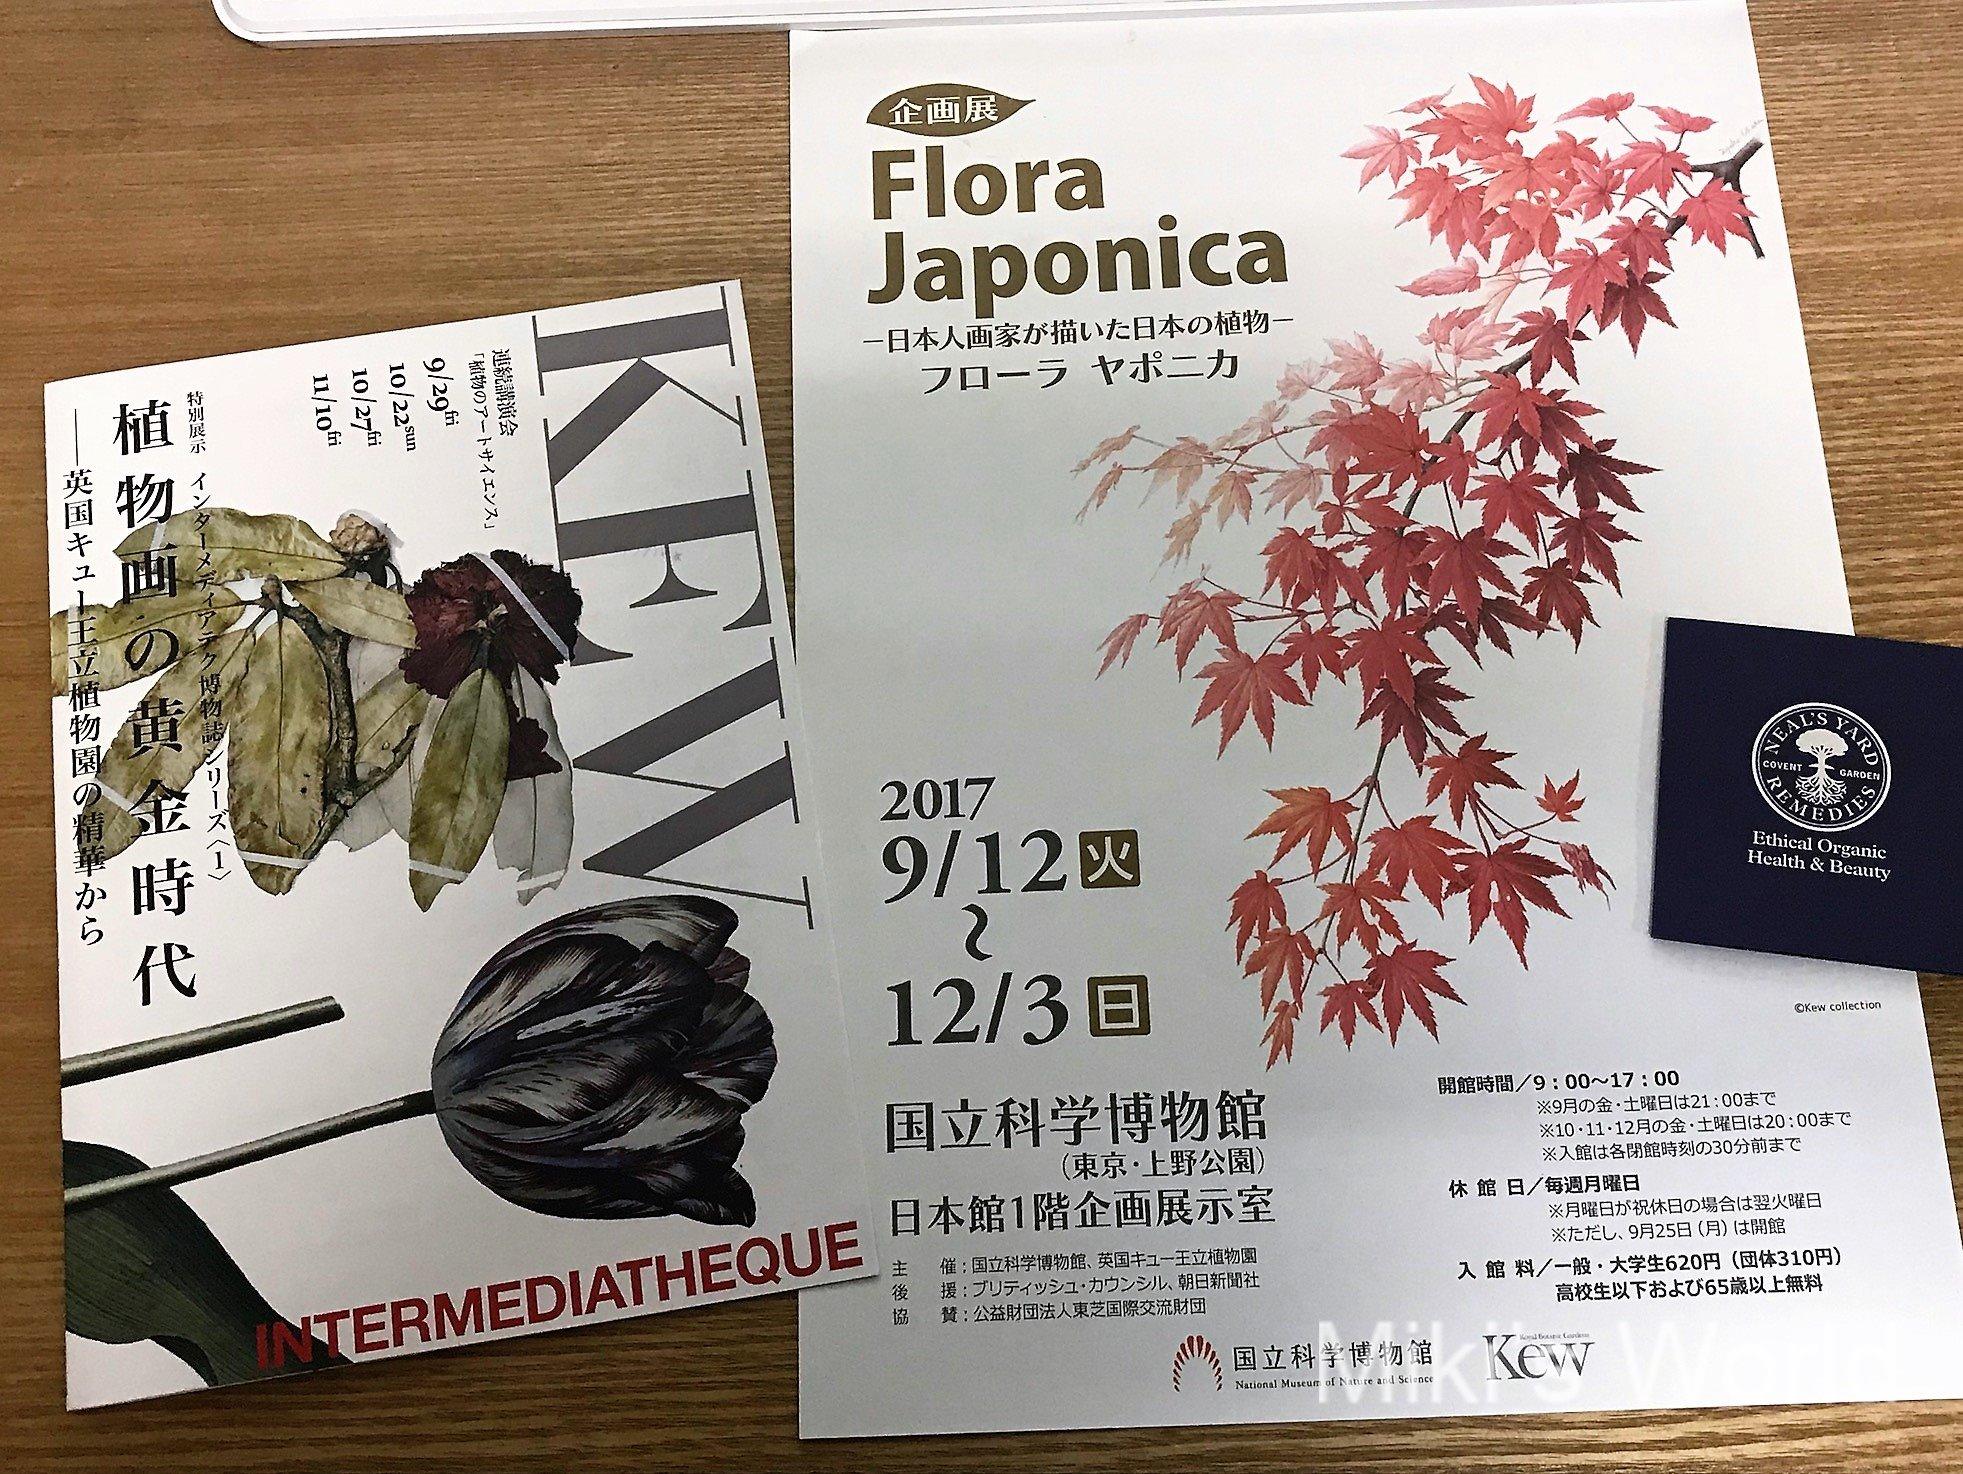 国立科学博物館 日本館1階企画展示室 Flora Japonica フローラ ヤポニカ 2017年12月3日まで